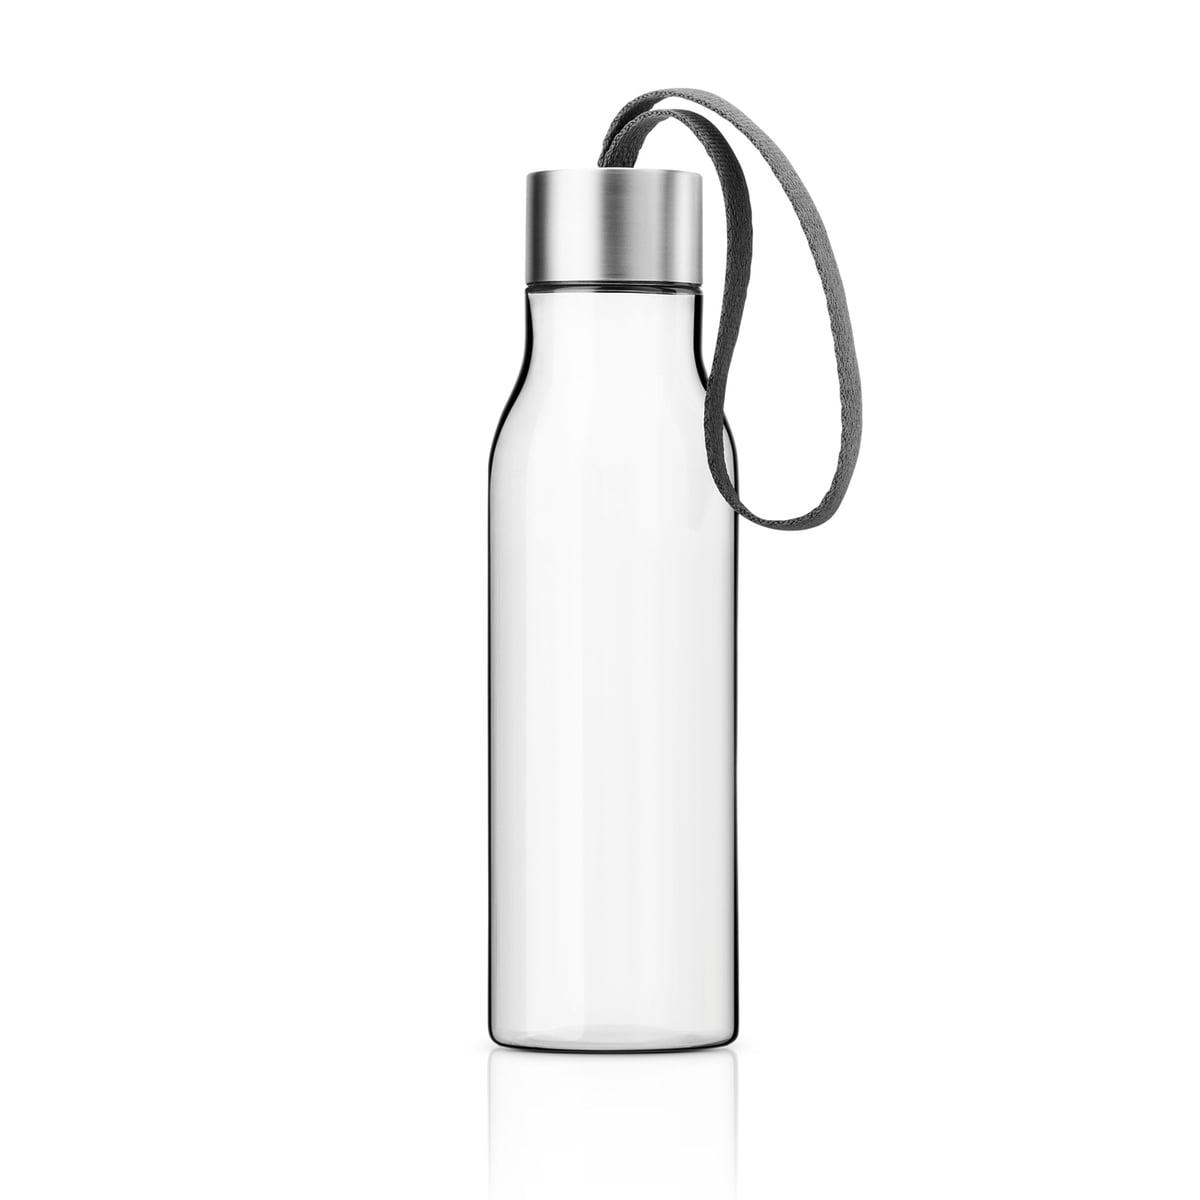 Trinkflasche Für Mineralwasser